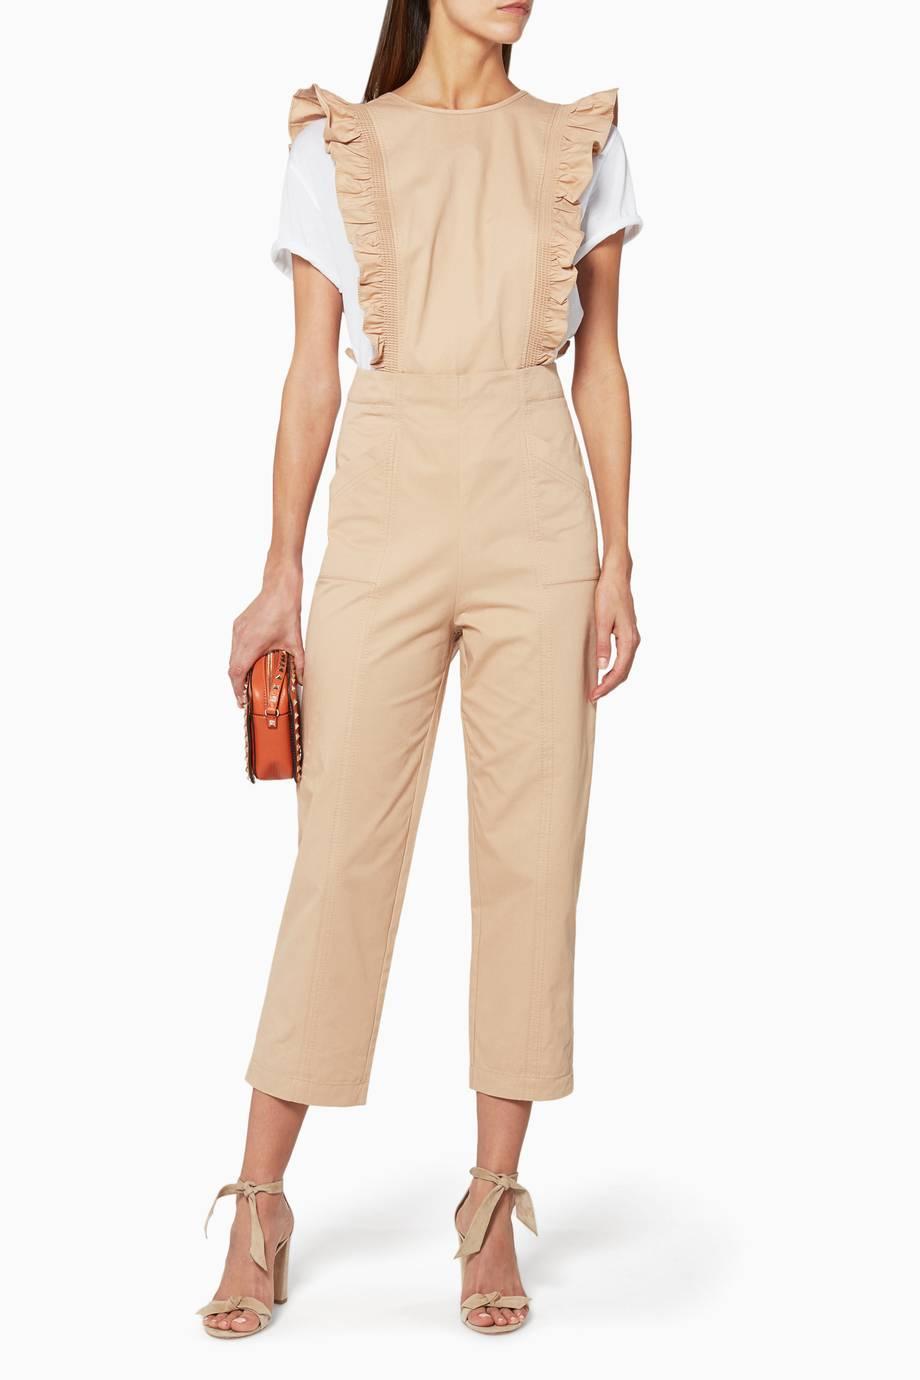 85282c66d1e Shop Luxury Ganni Beige Phillips Jumpsuit